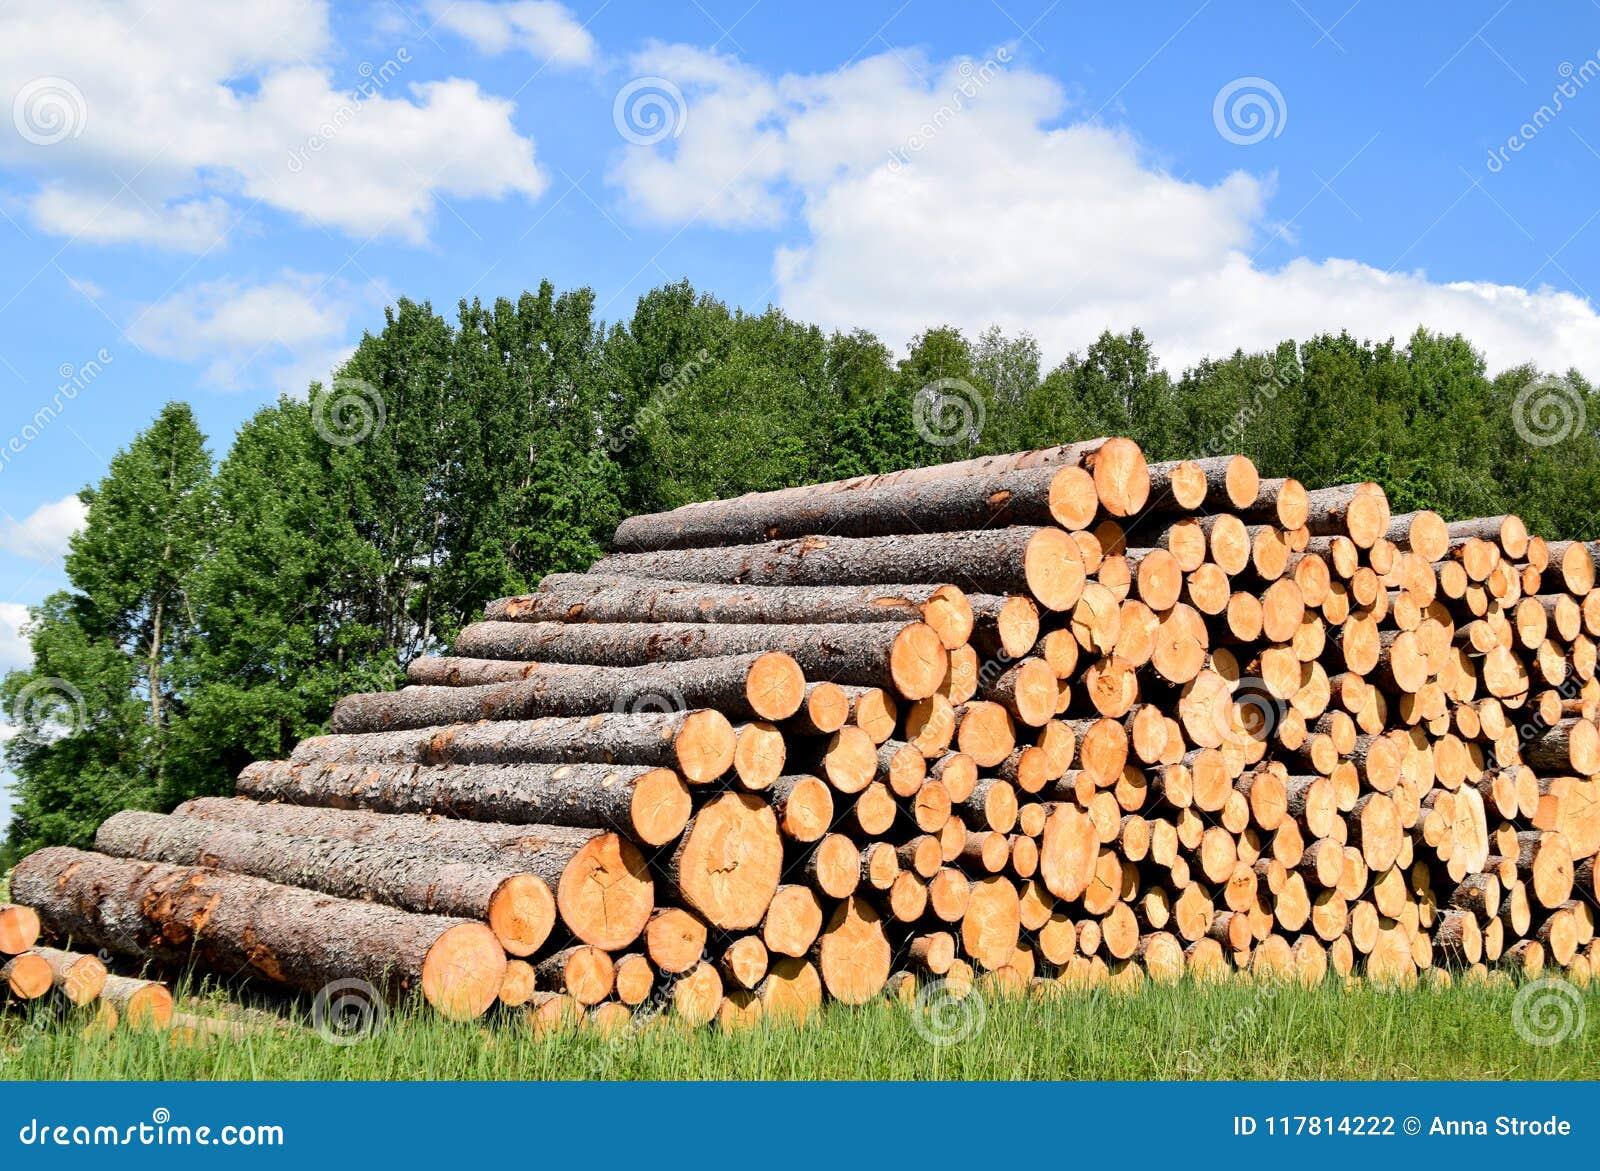 Troncs d arbre abattus par l industrie de notation de bois de construction